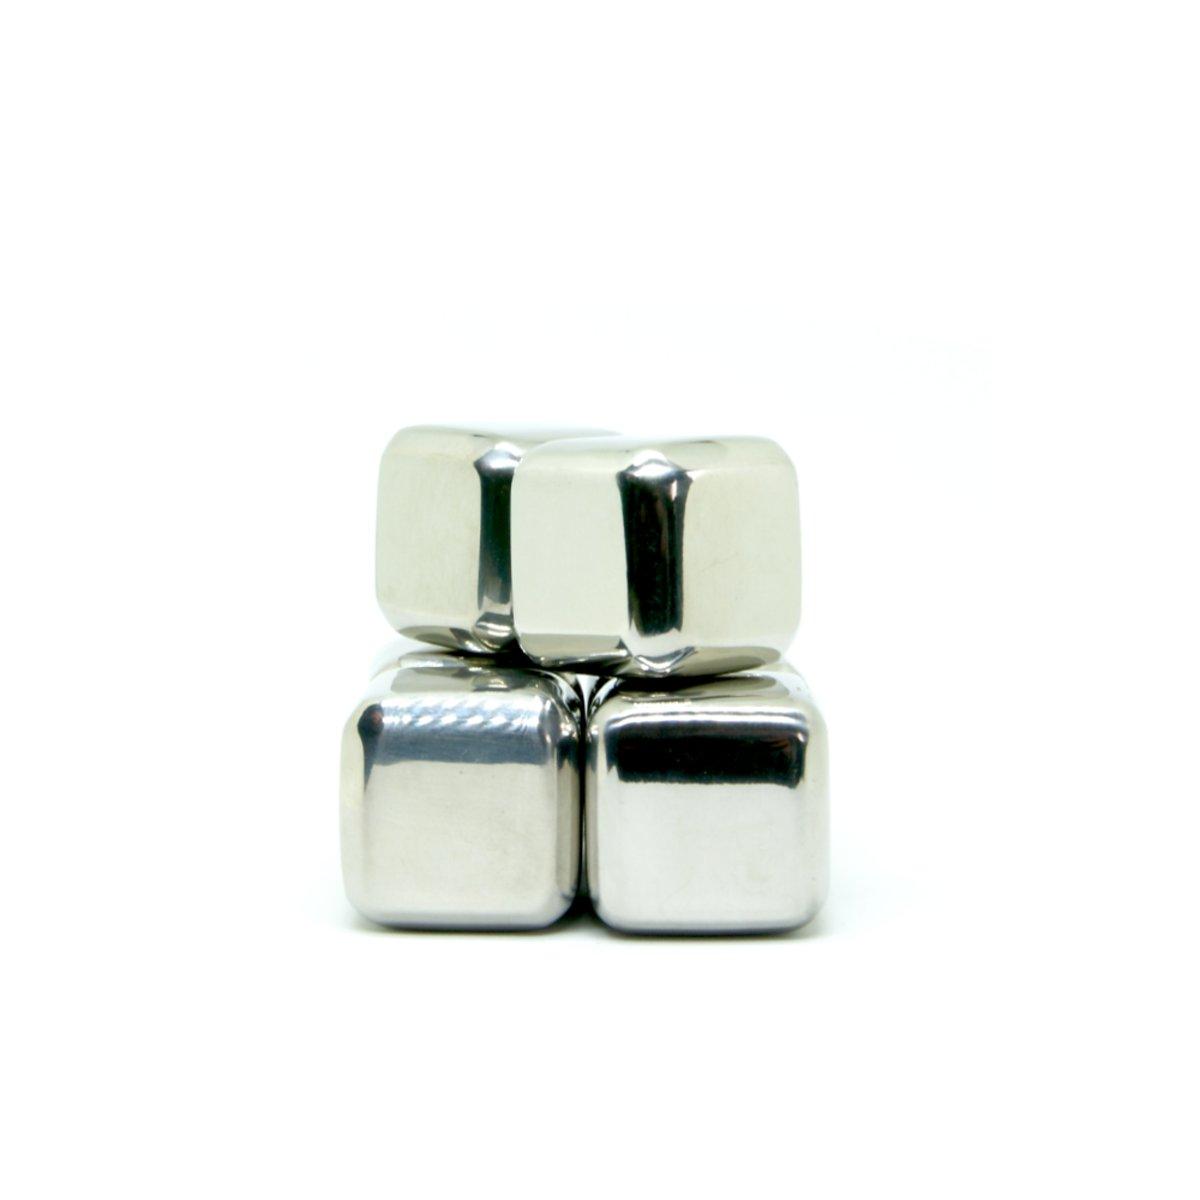 Luxe RVS Whiskey Stenen / ijsblokjes Set van 6 stuks kopen